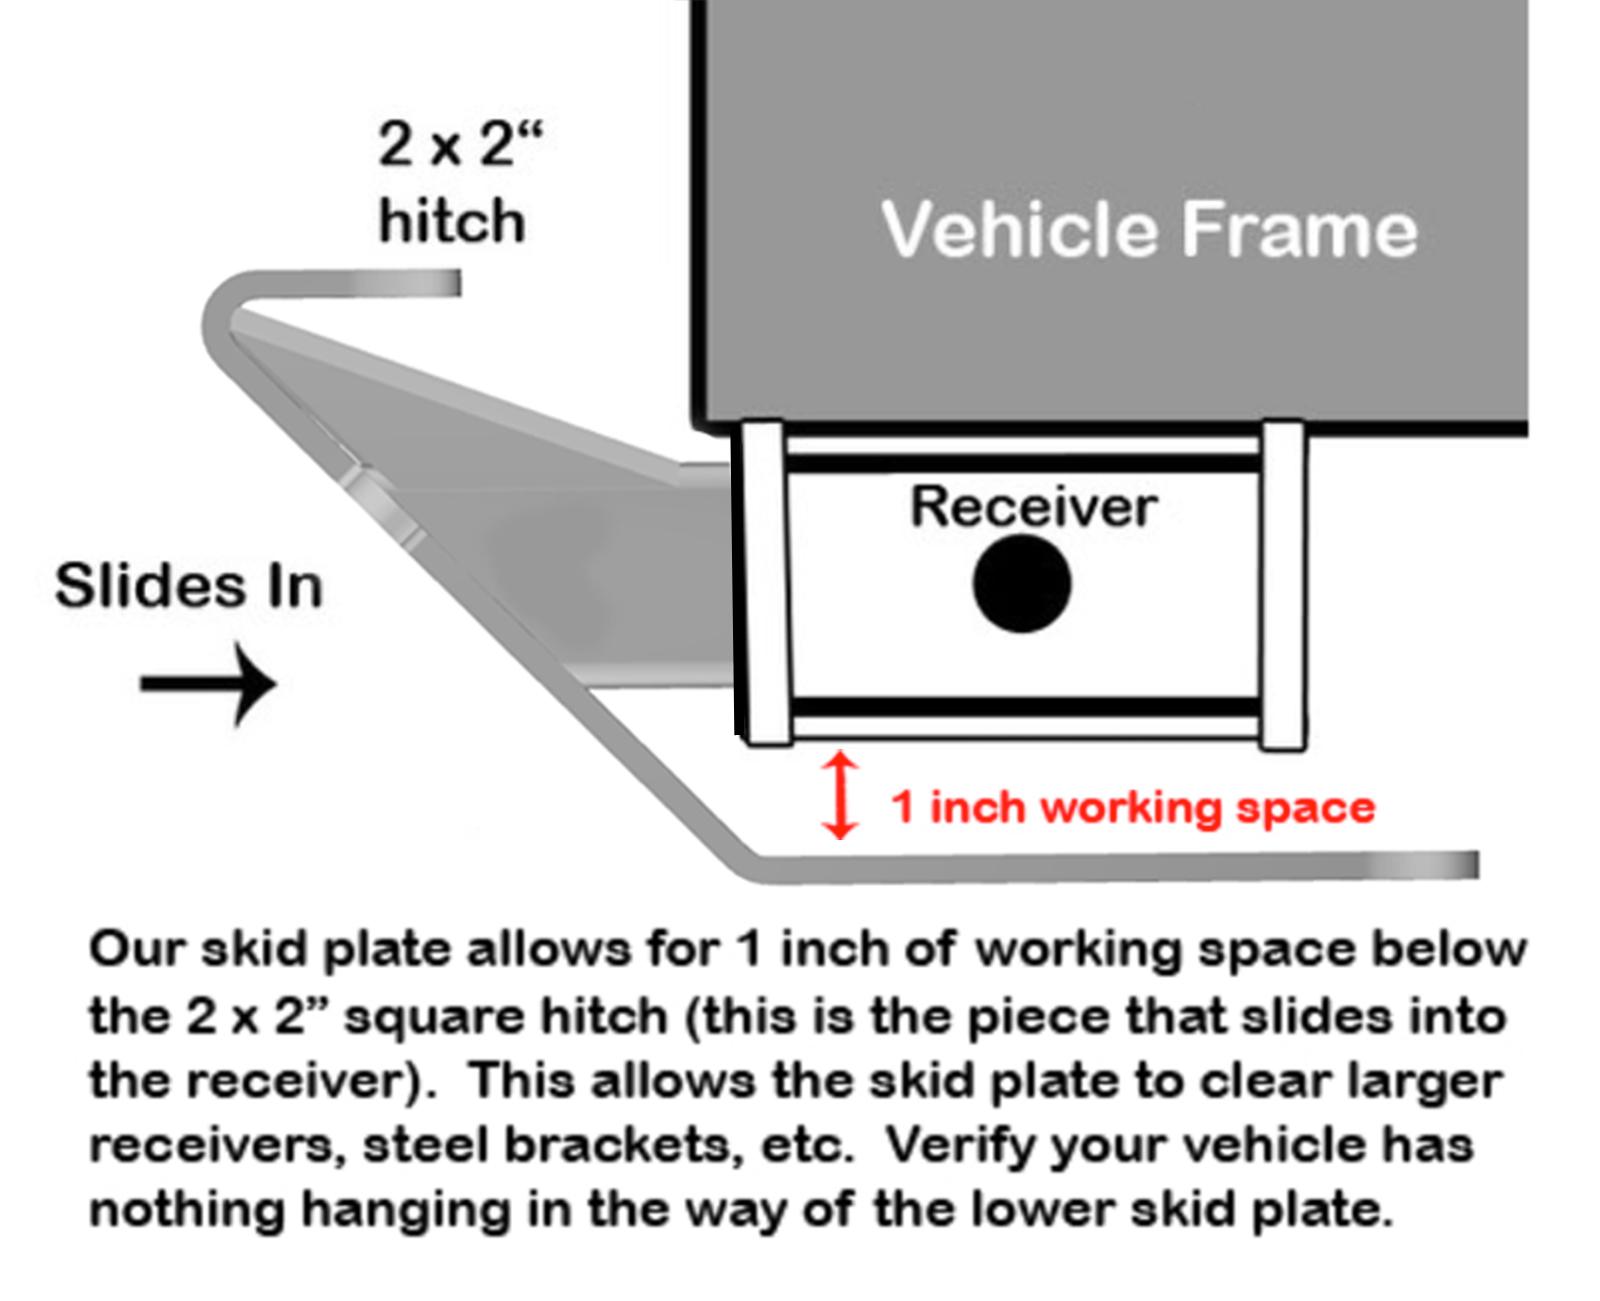 Vehicle Specs